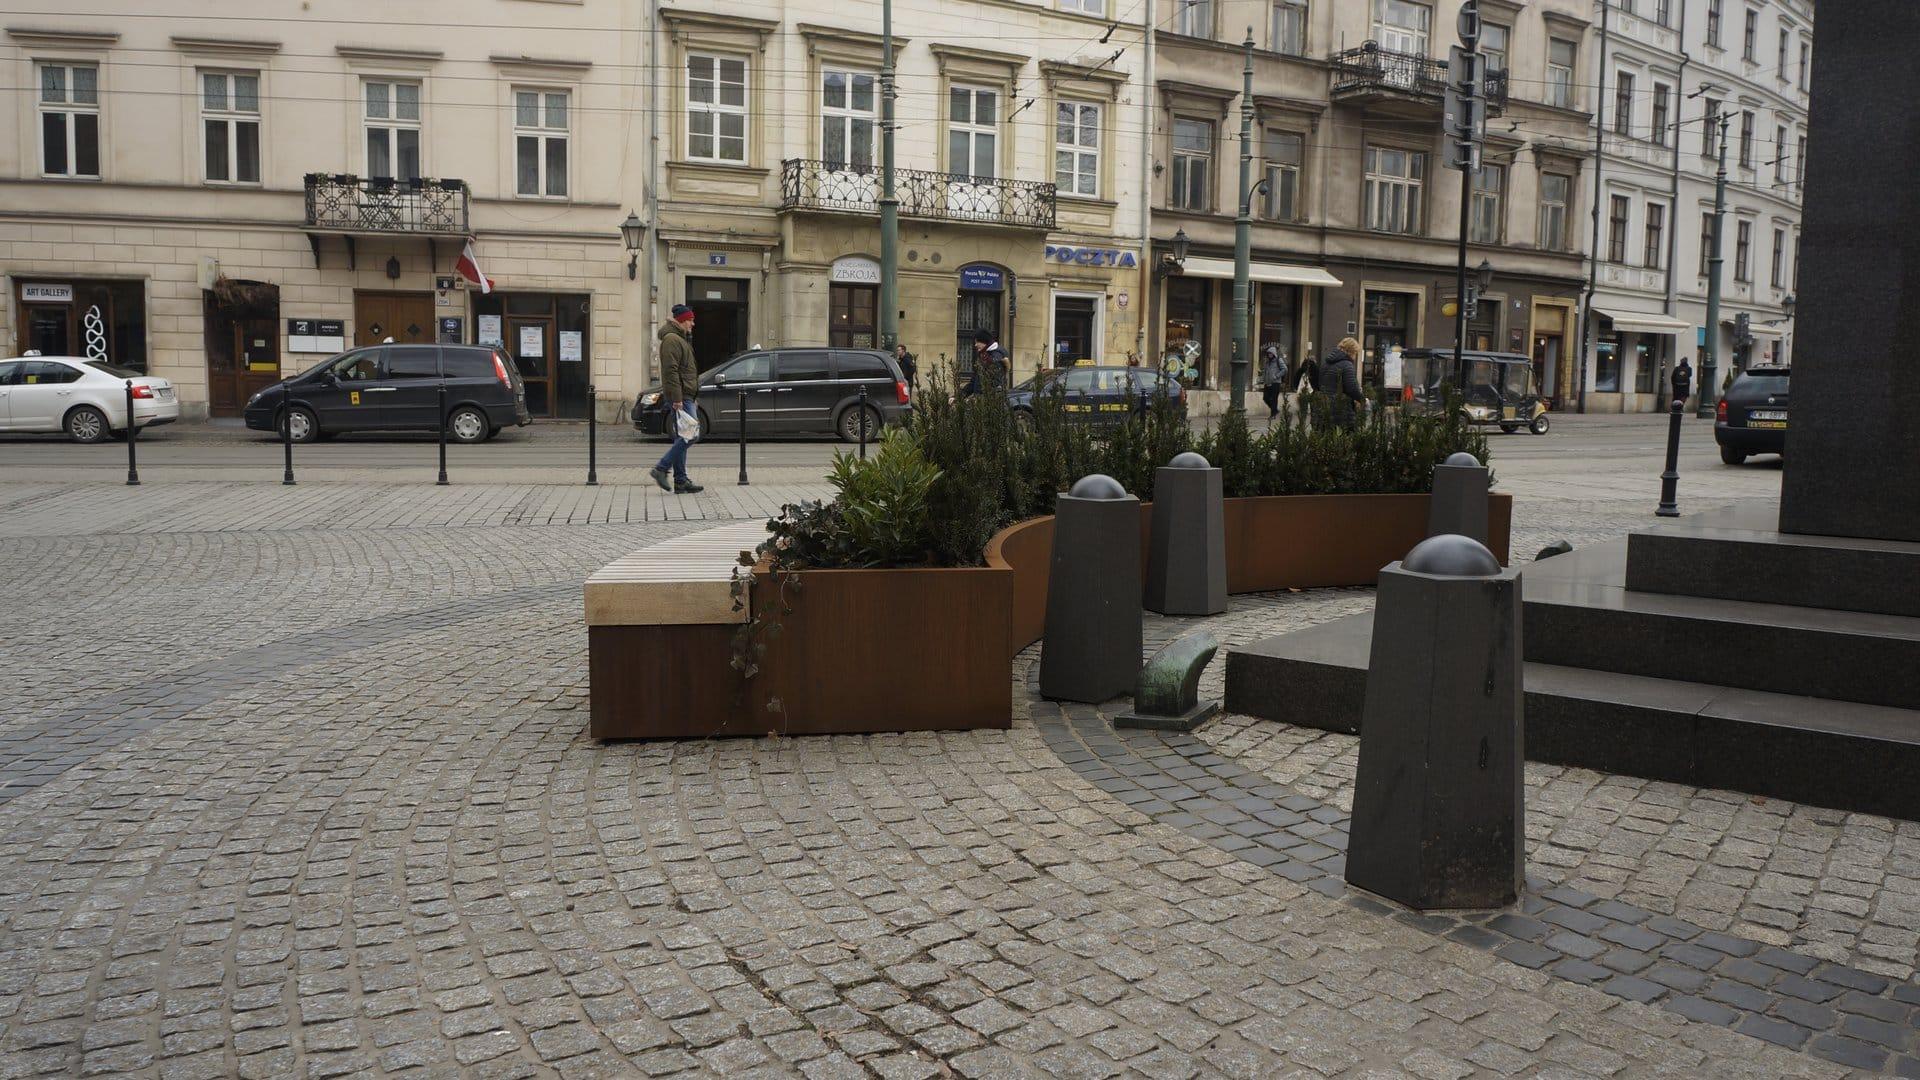 Donice z siedziskami. Strefa Relaksu, Kraków.